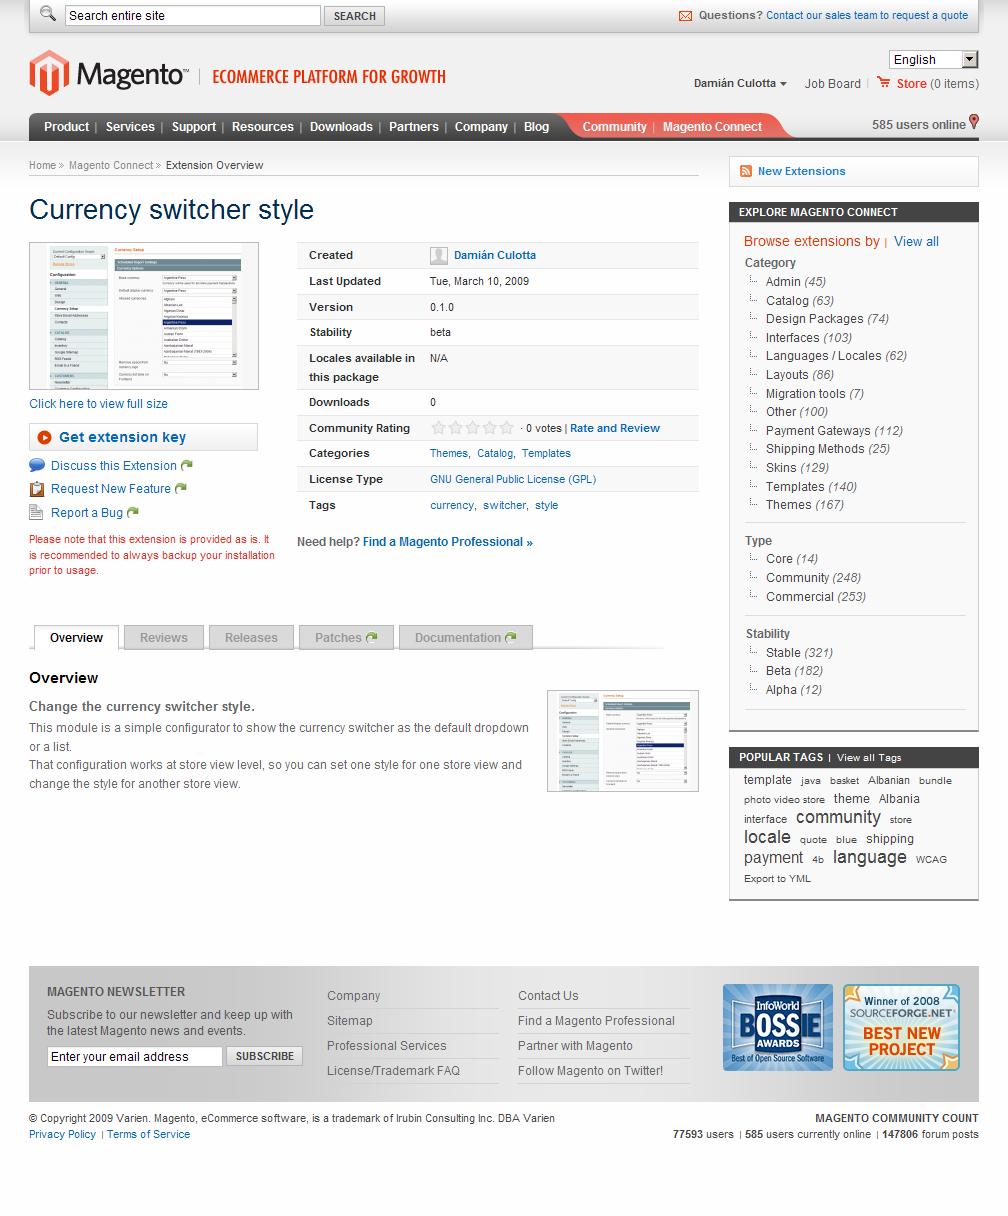 Página de la extensión Dc_CurrencySwitcher en Magento